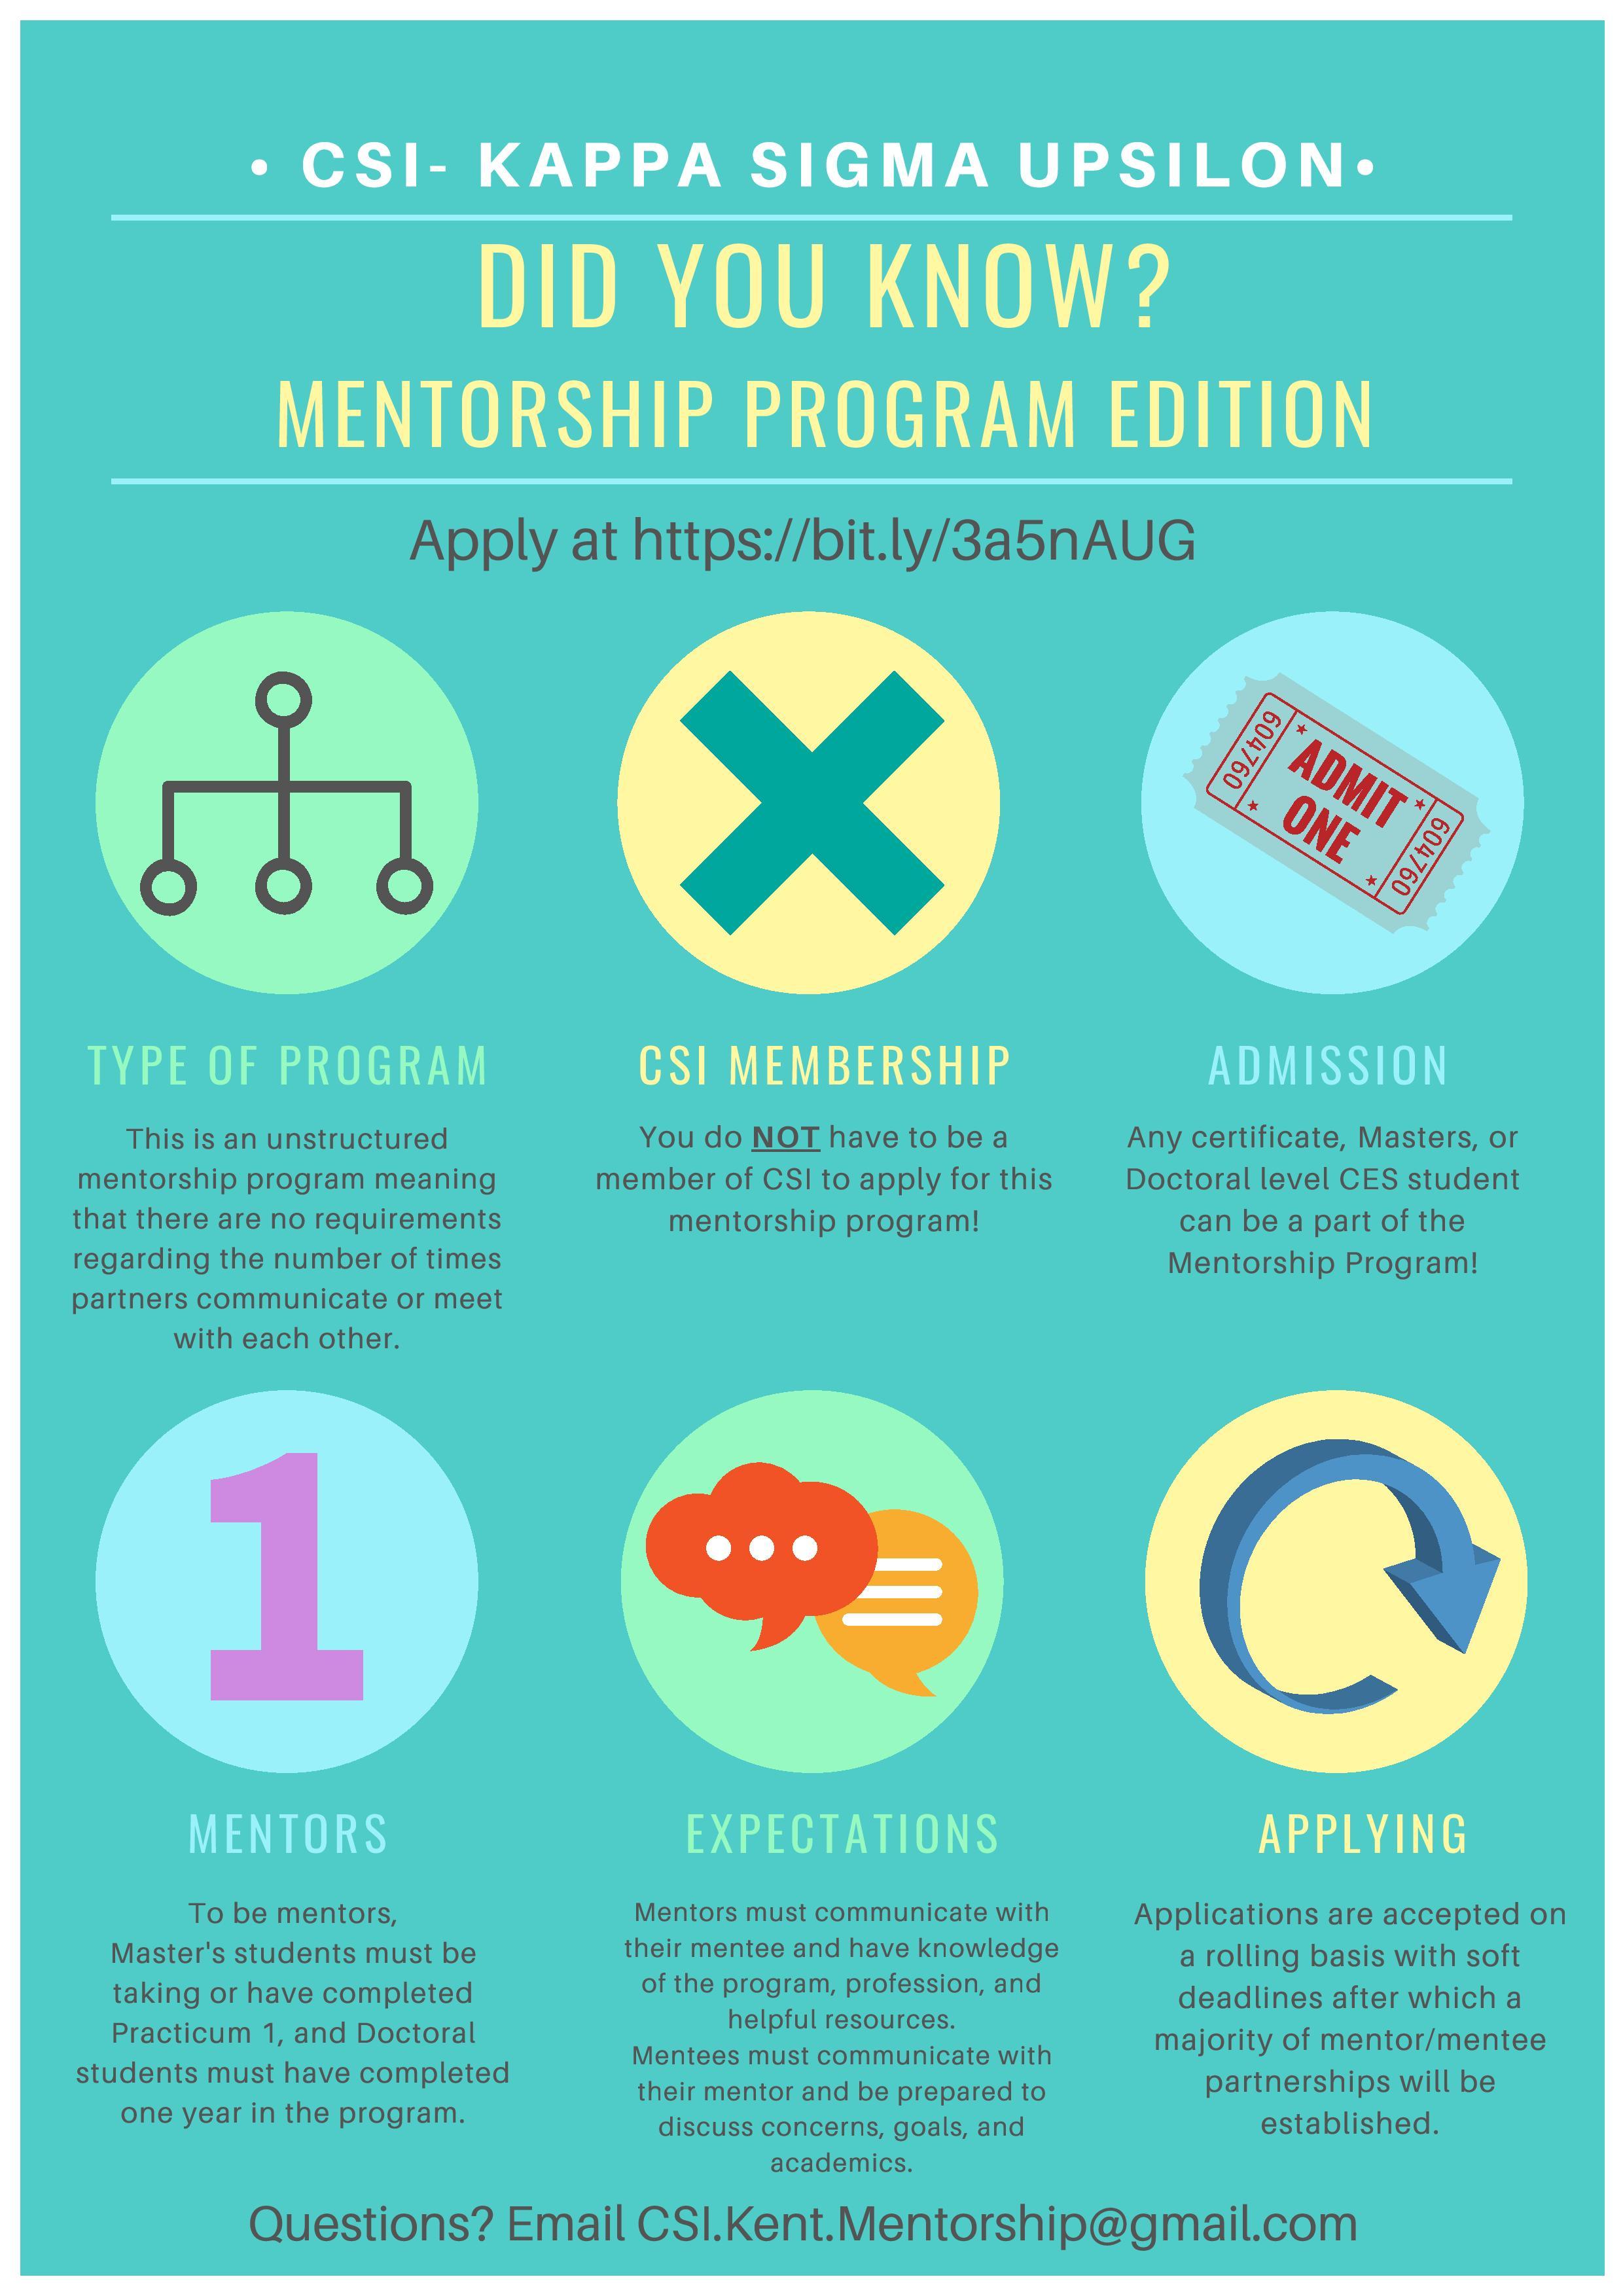 CSI KSU Mentorship Program Flyer